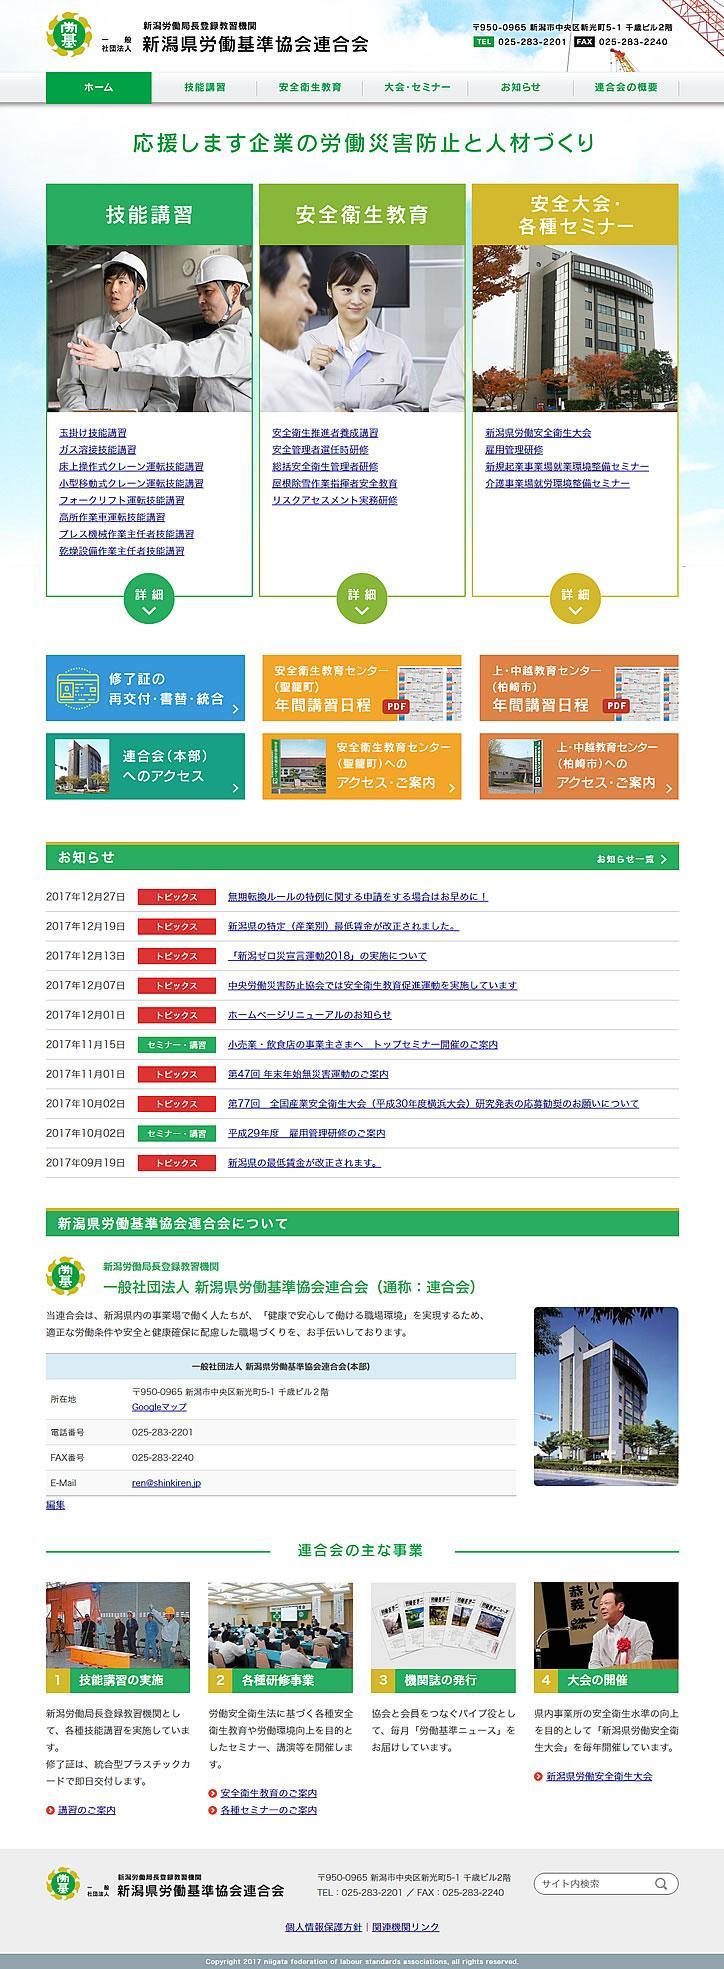 新潟県労働基準協会連合会